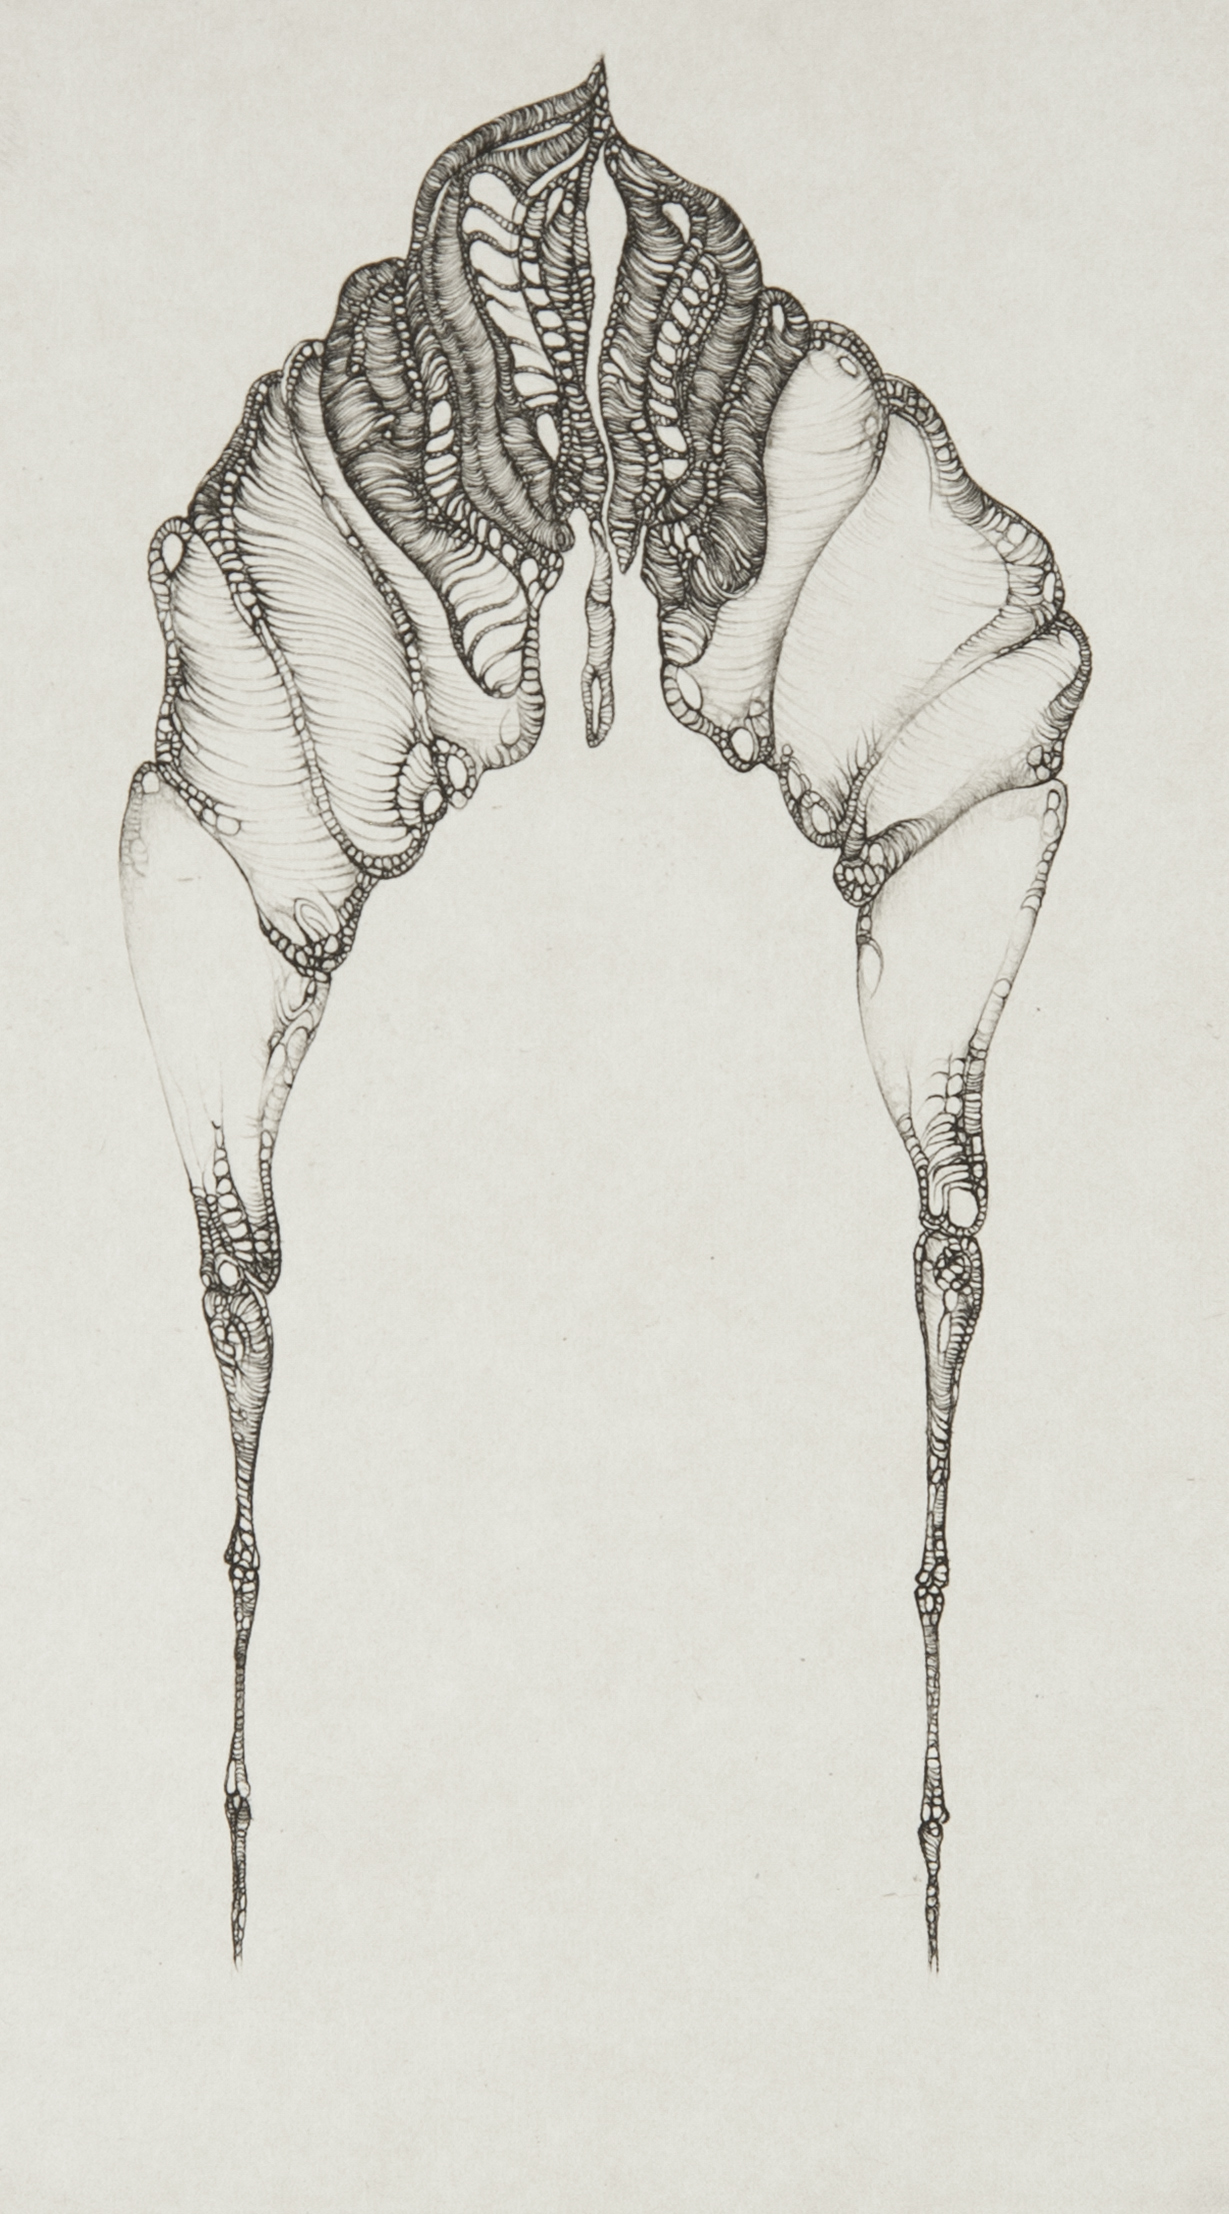 Cécile Reims, Dans l'axe, d'après Fred Deux, 1975 Epreuve sur papier vélin d'Arches, 19 x 10,5 cm